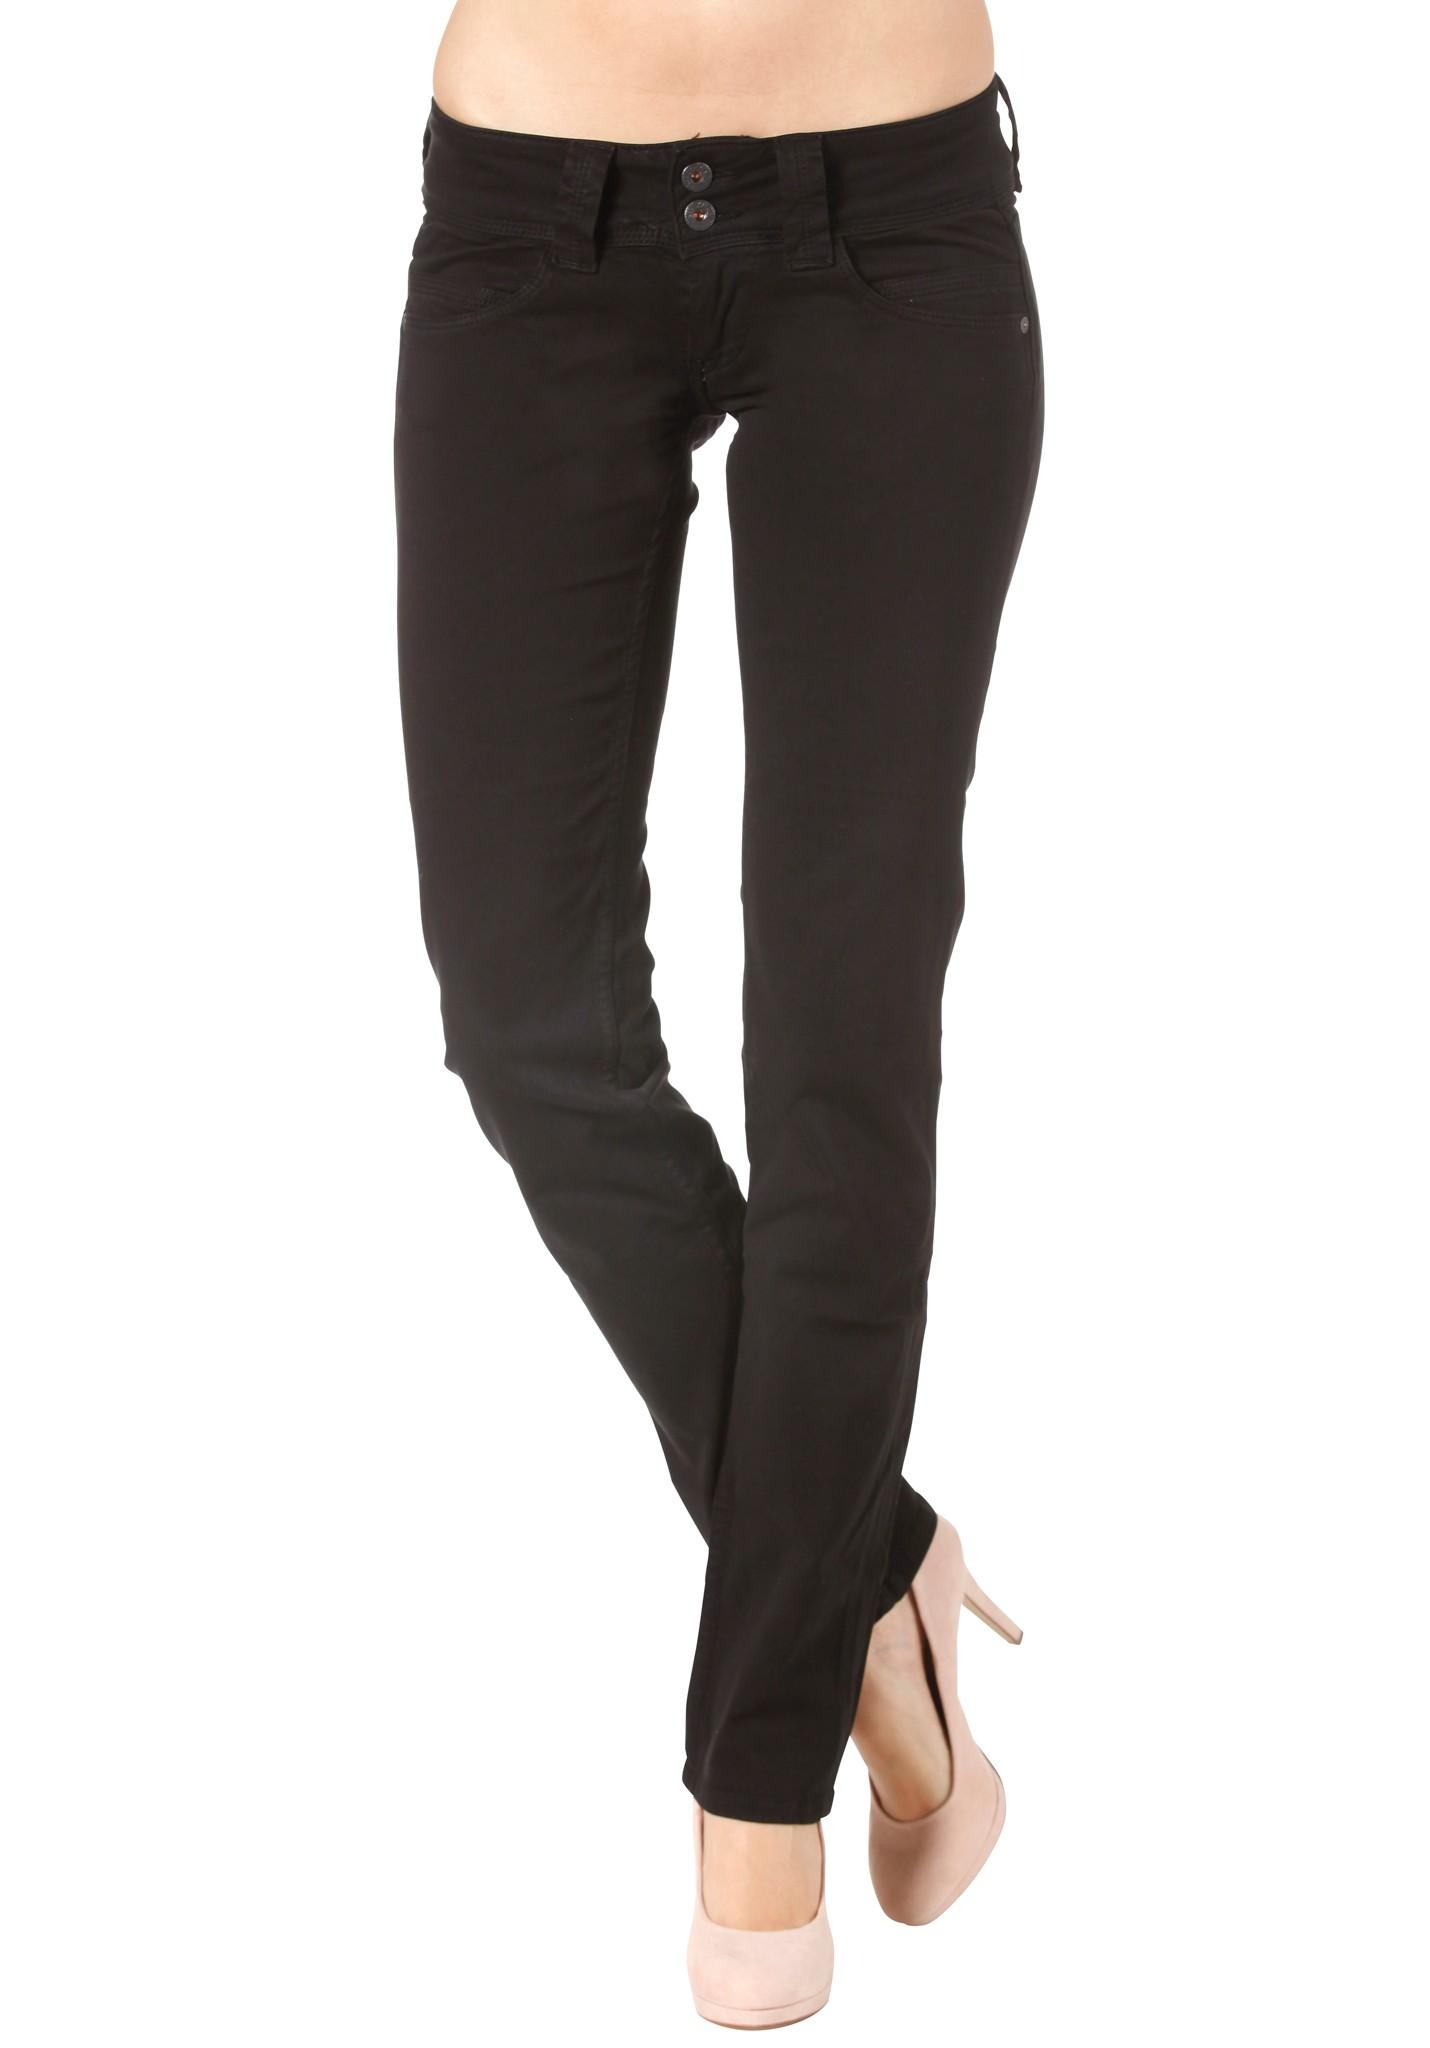 pepe jeans venus pant hose damen div gr en farben ebay. Black Bedroom Furniture Sets. Home Design Ideas